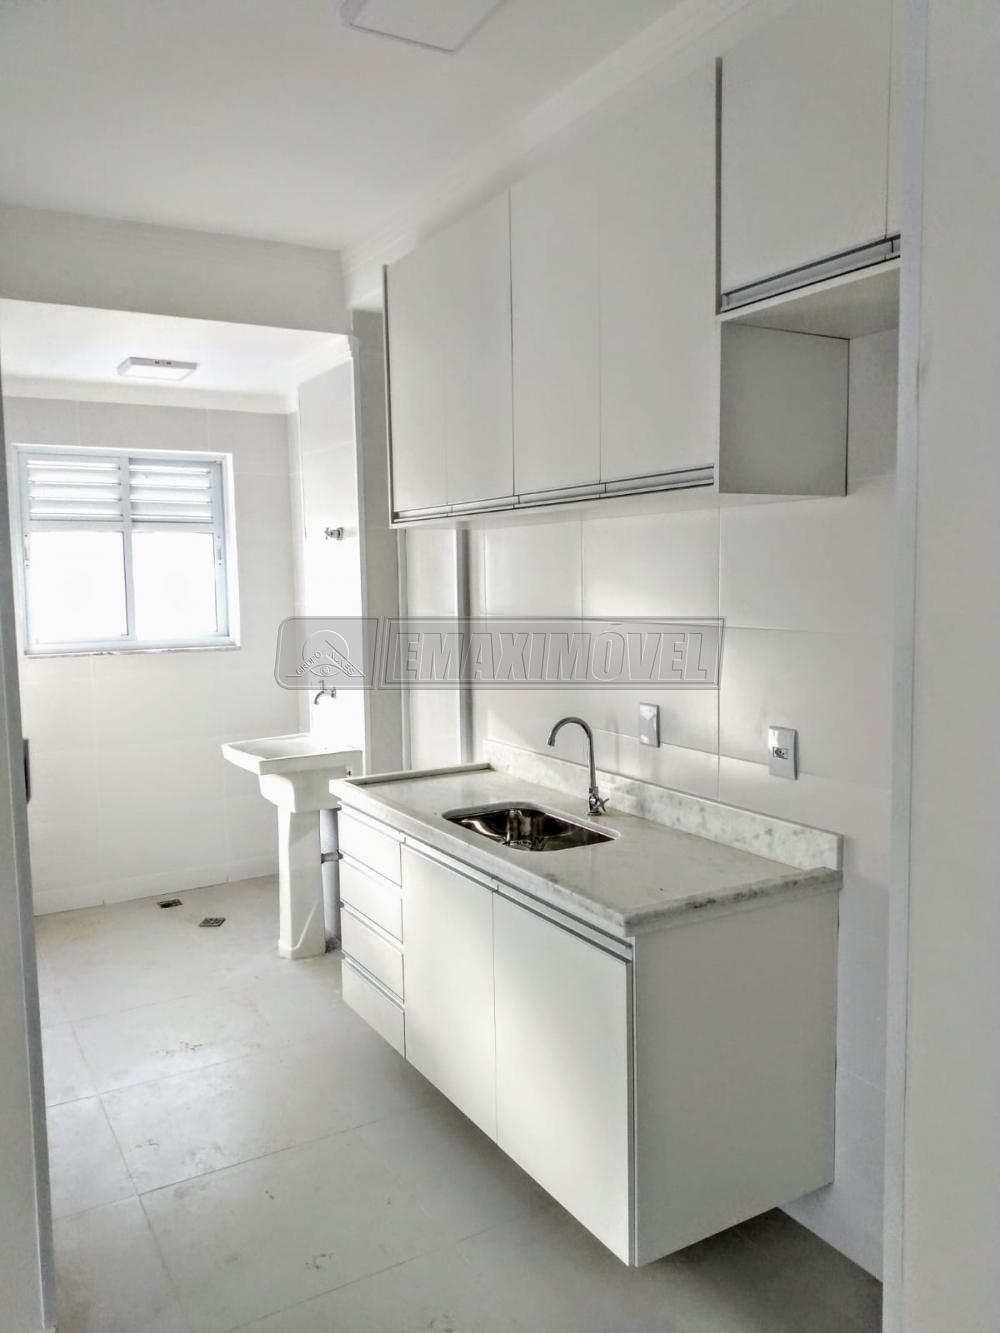 Comprar Apartamento / Padrão em Sorocaba R$ 310.000,00 - Foto 6